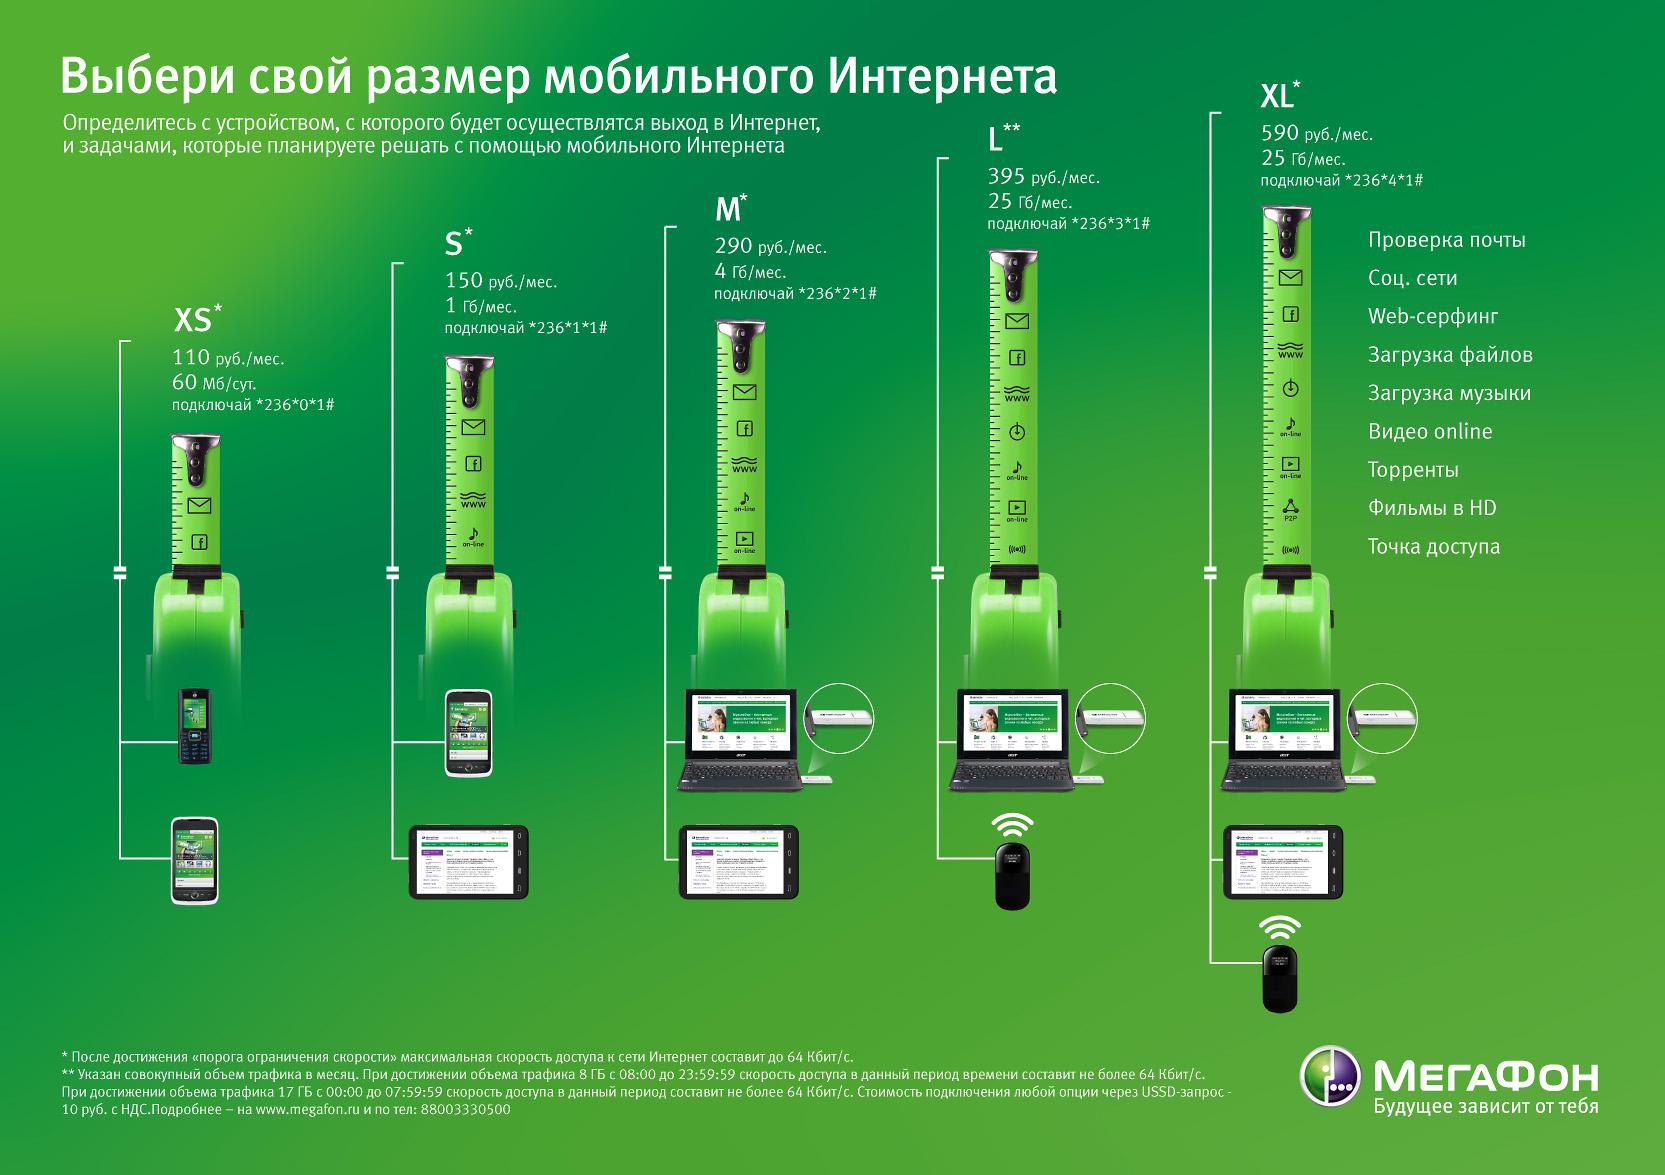 Интернет тарифы МегаФон для мобильных телефонов